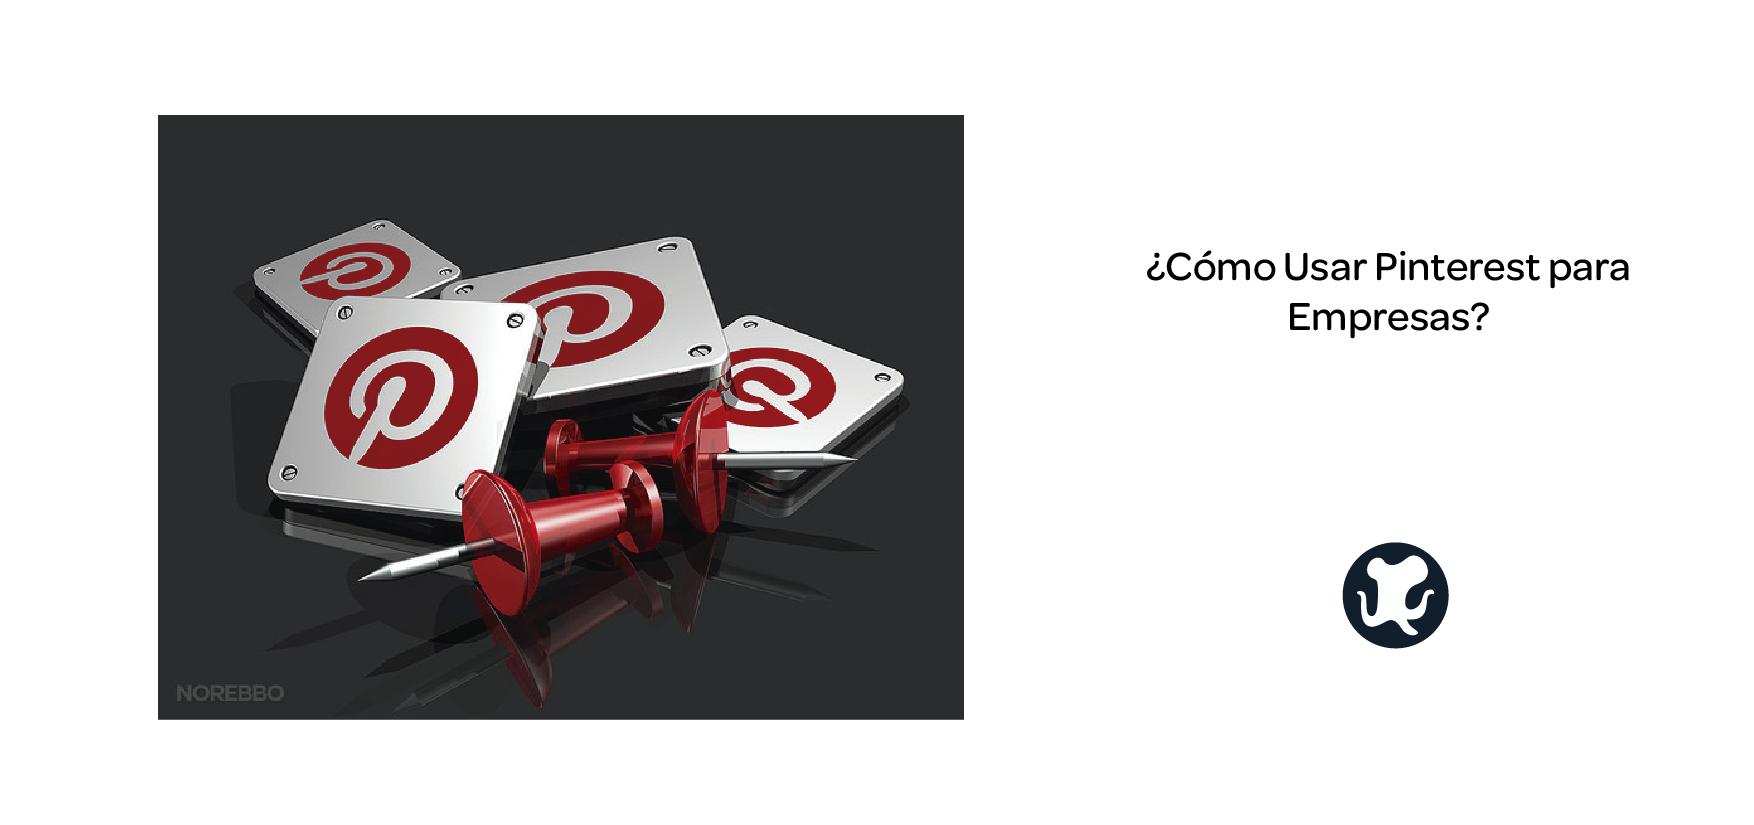 ¿Cómo Usar Pinterest para Empresas?